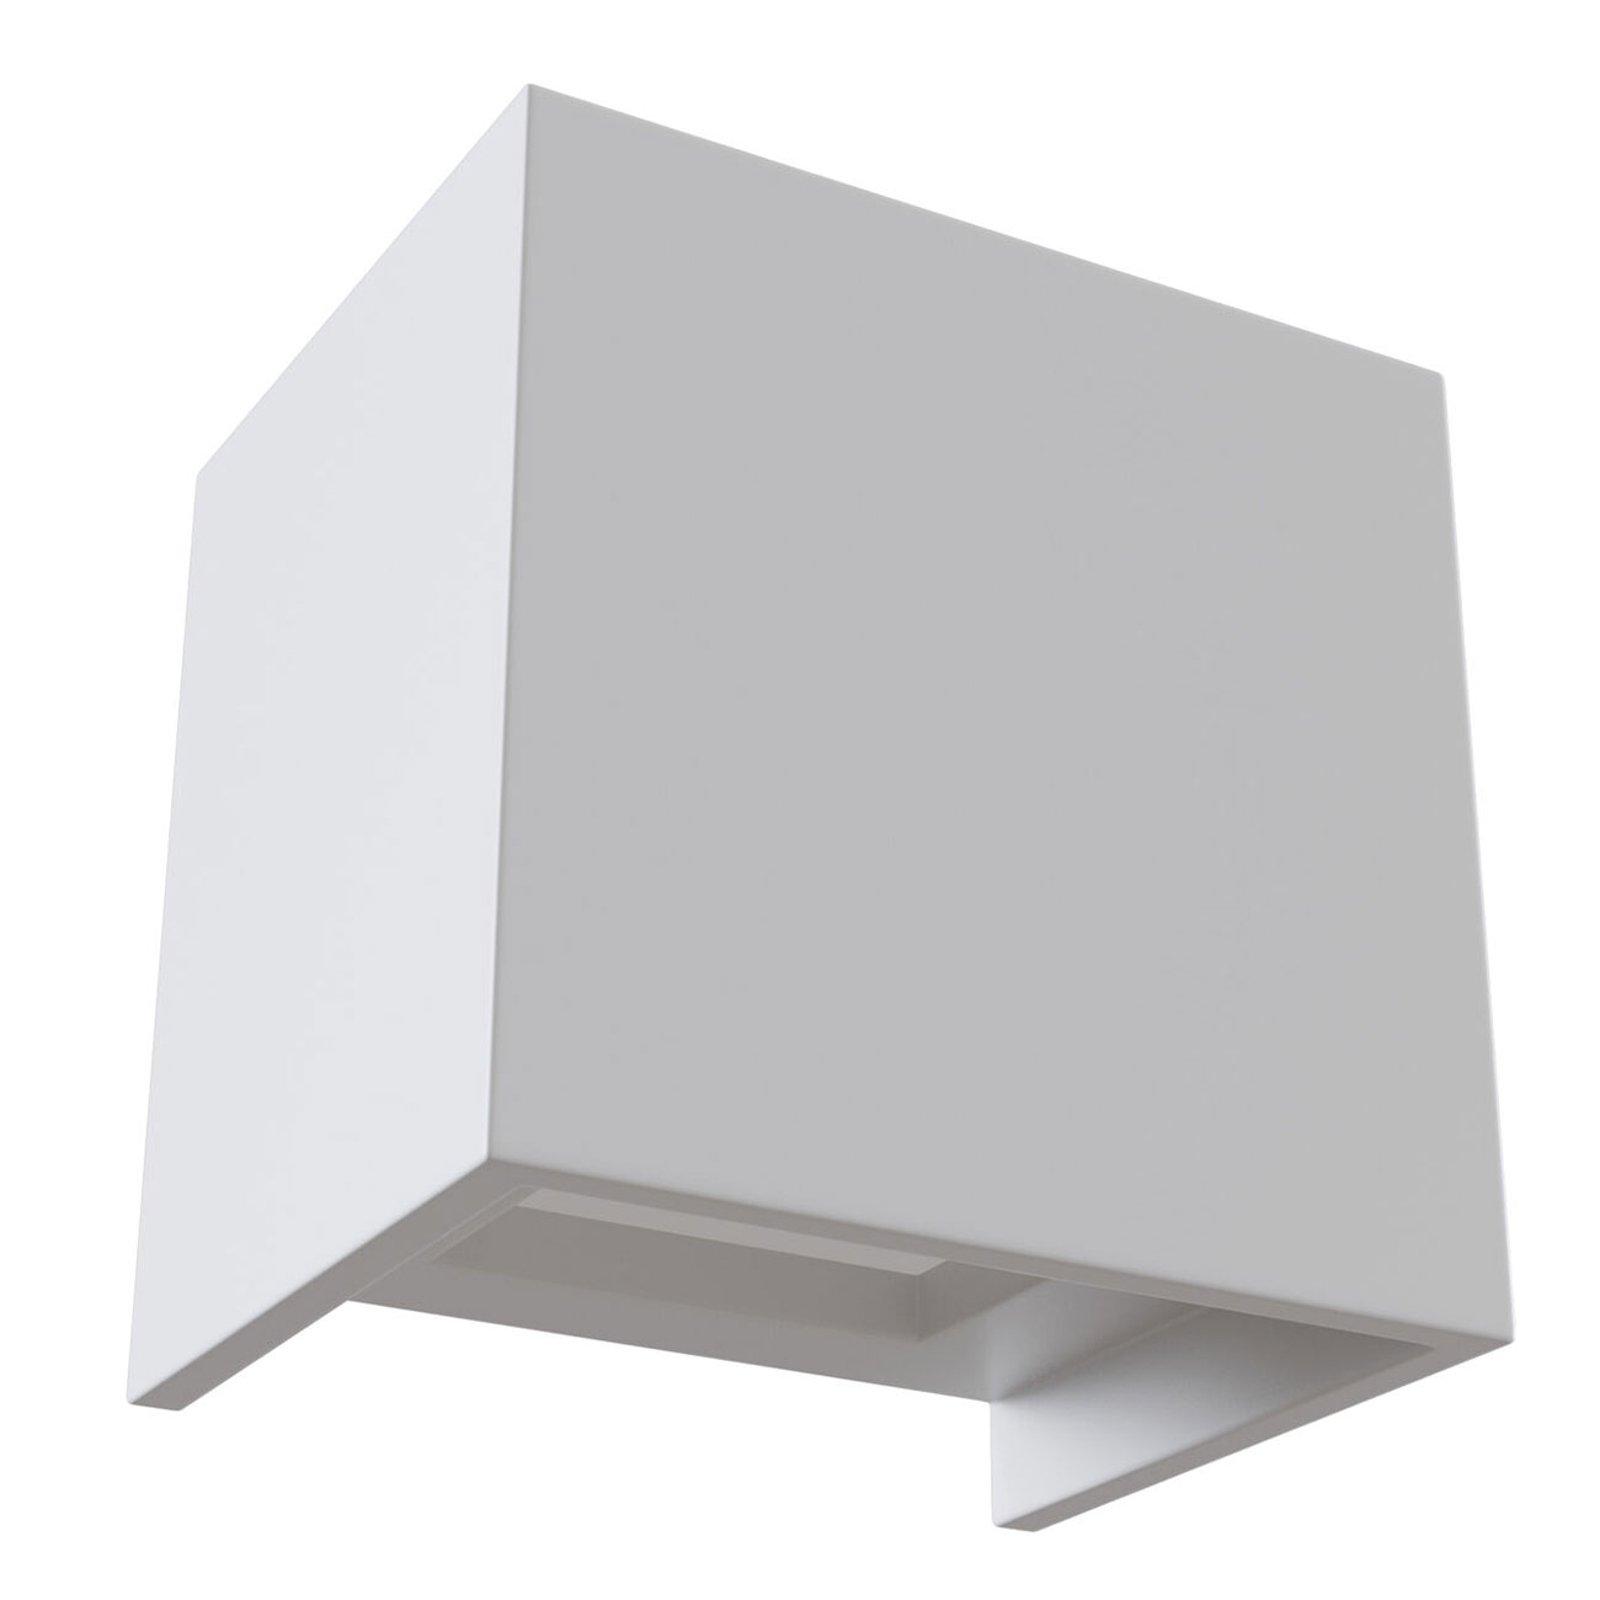 Parma LED-vegglampe av gips, 10x10 cm